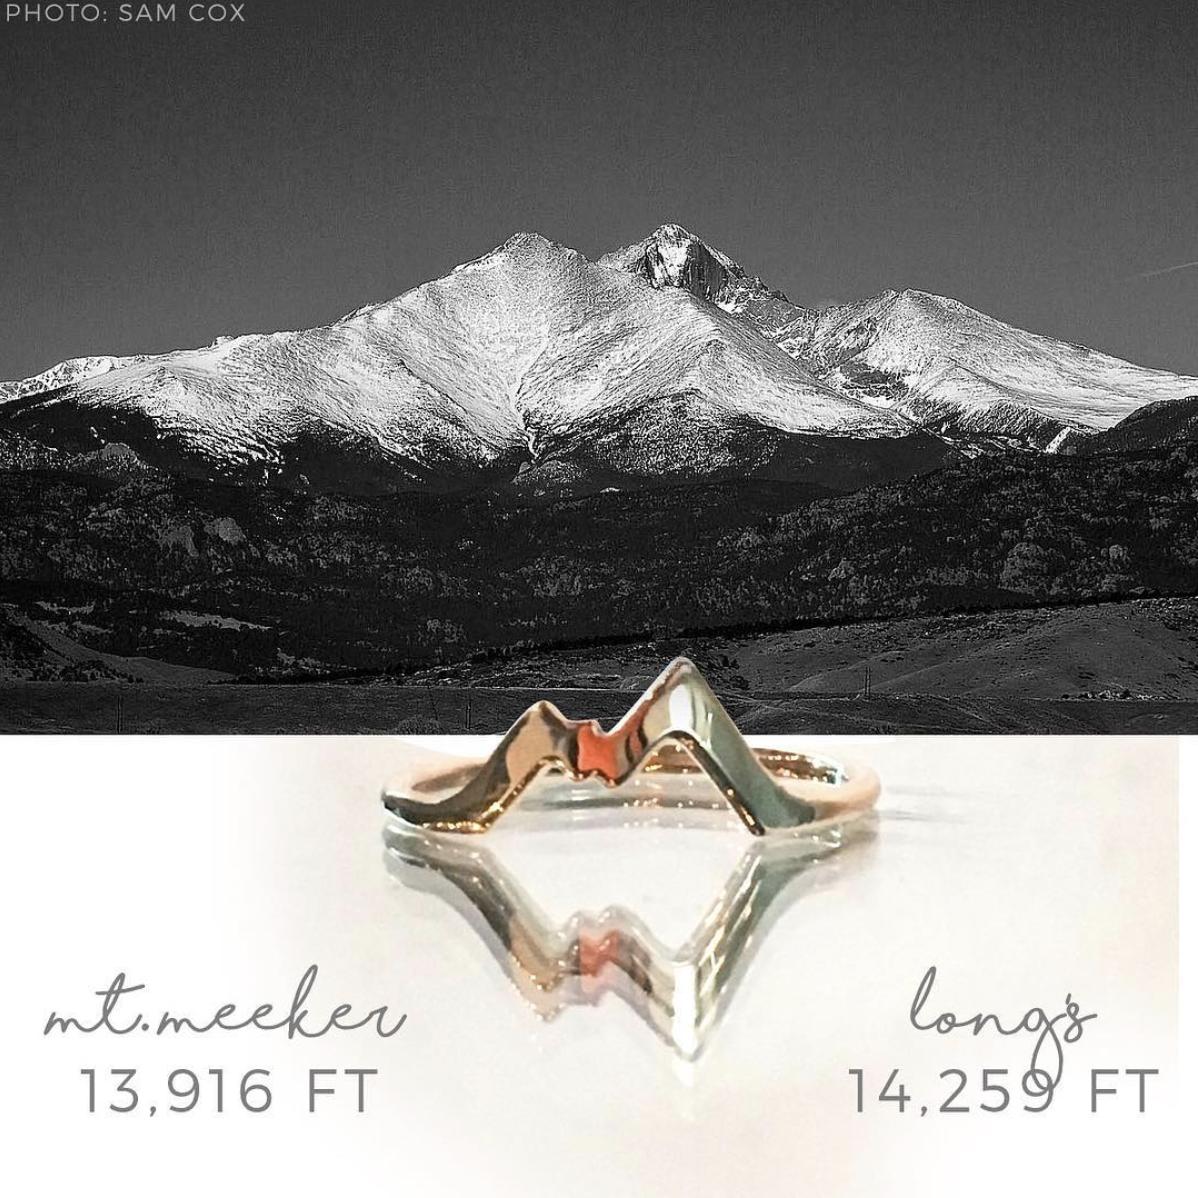 Longs Peak and Mt. Meeker